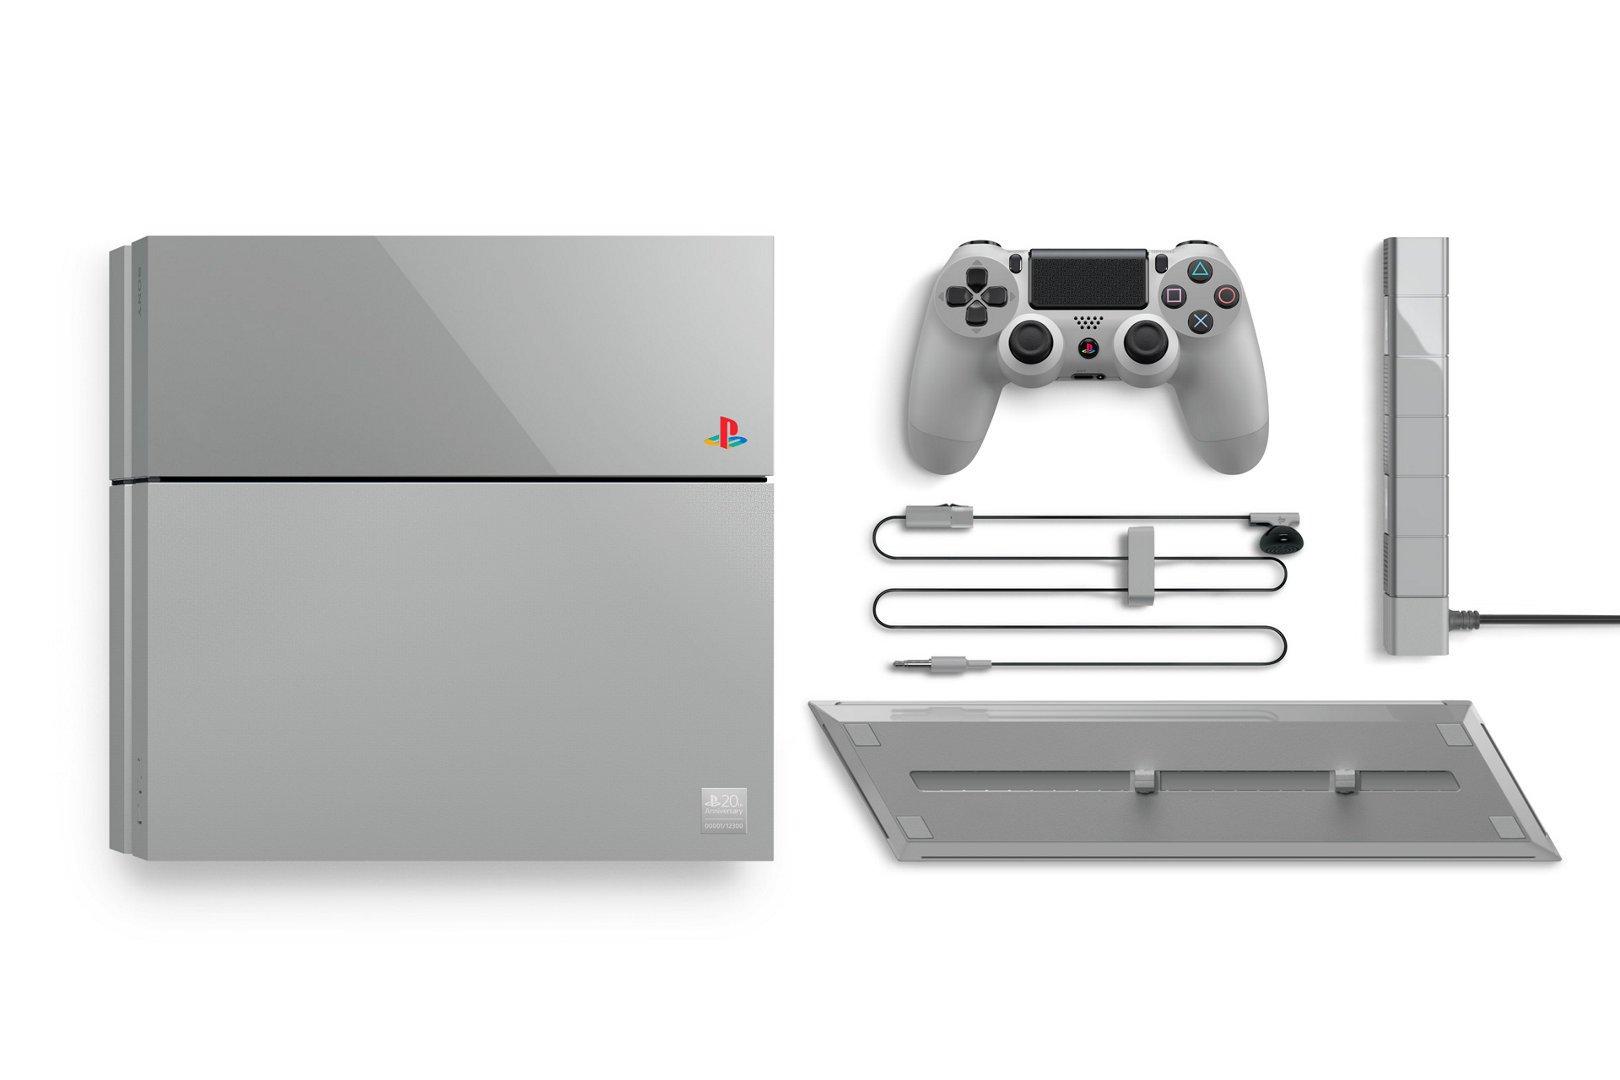 Sony PlayStation 4 Blanco 500 GB Wifi - Videoconsolas (PlayStation 4, Blanco, 8192 MB, GDDR5, AMD Jaguar, AMD Radeon): Amazon.es: Videojuegos